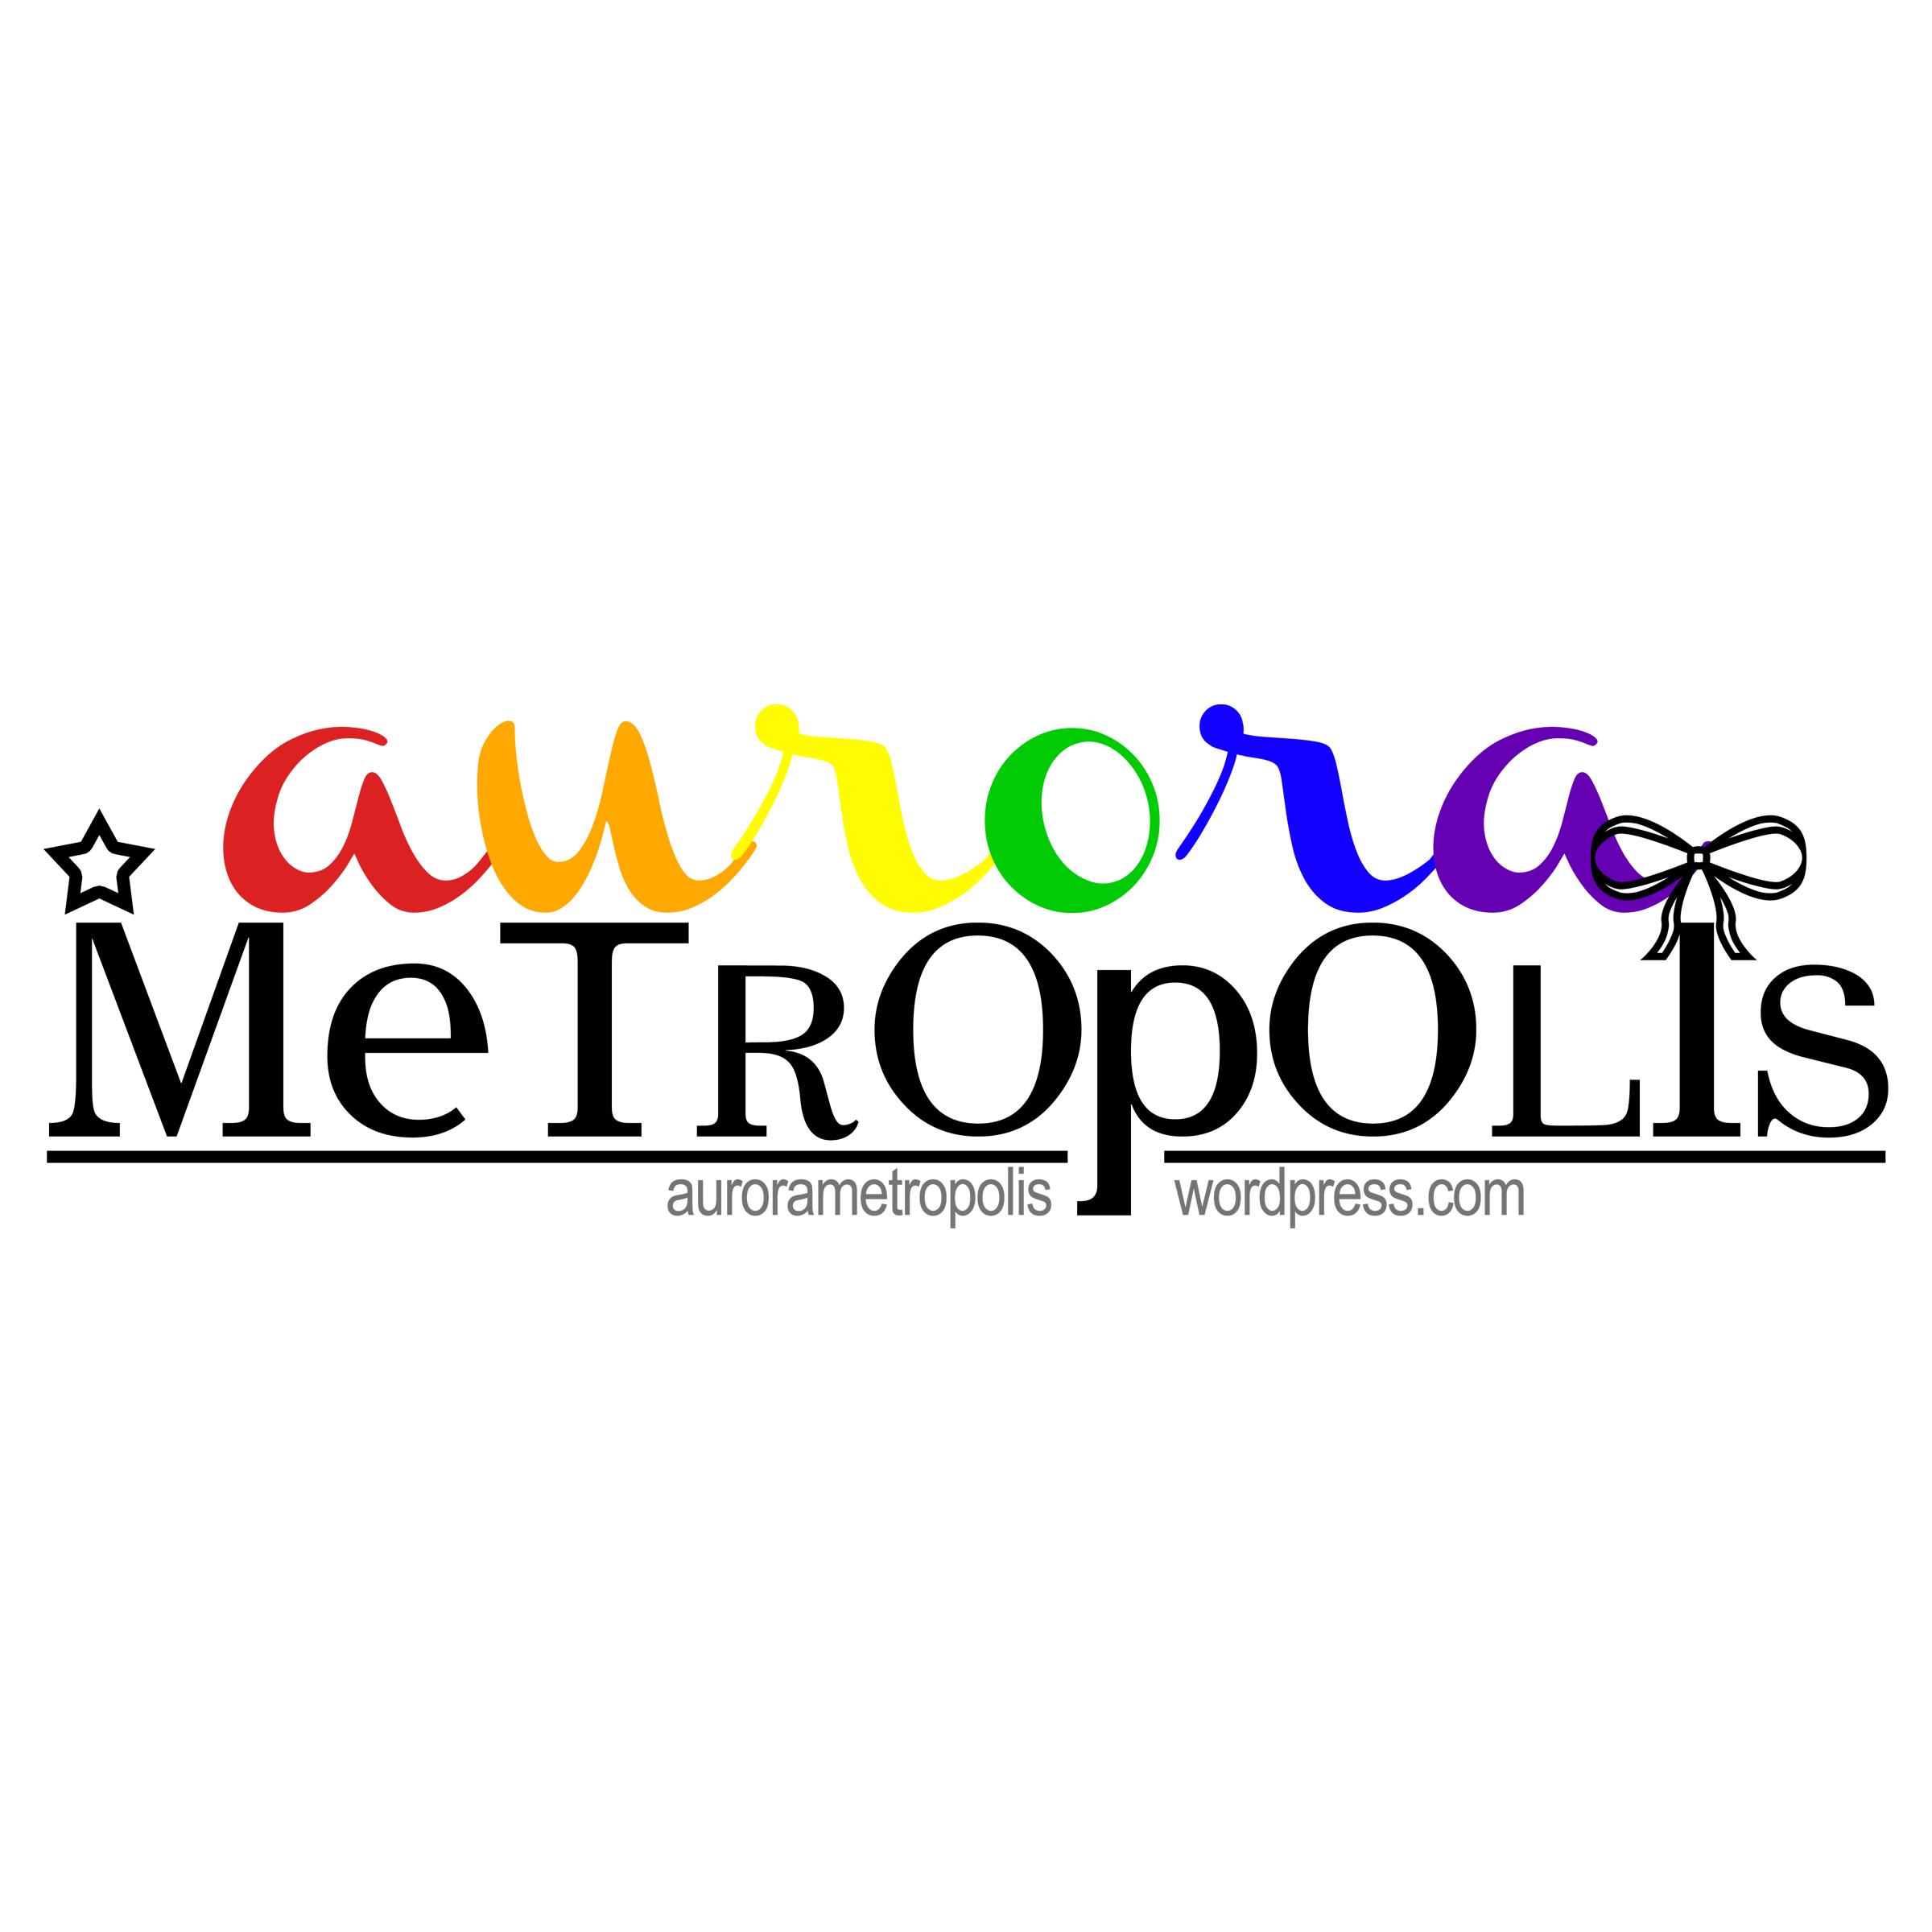 ano ang metropolis Apertura-mcm-5pernos-bolitasavi cojjoc loading vpro metropolis 707,954 views 3:15 warning: ano ang synthol.